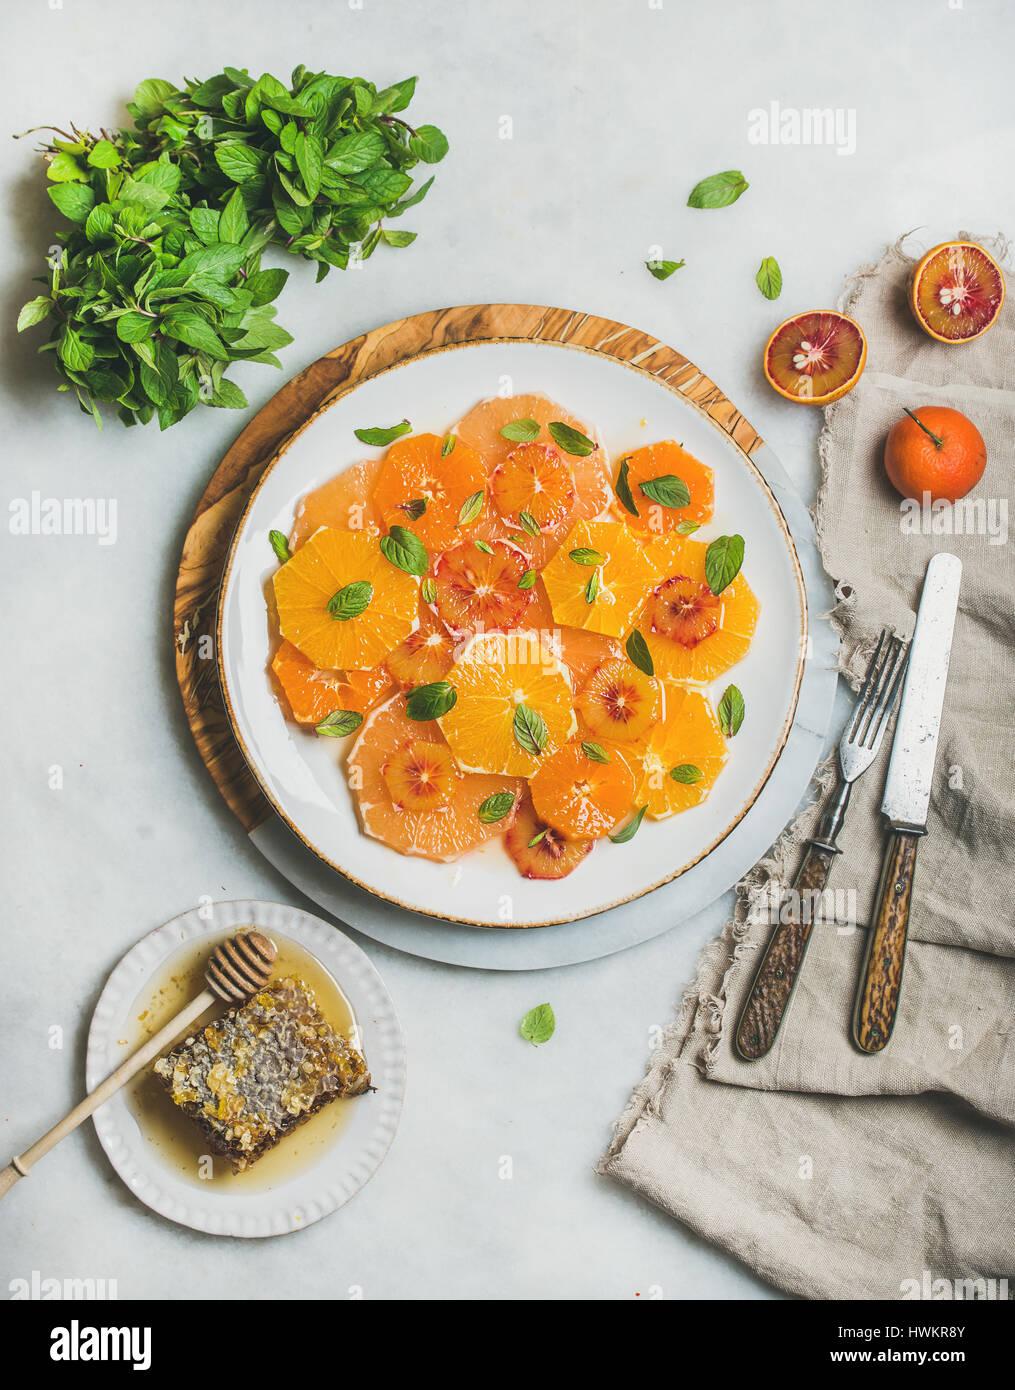 Vegan fresca ensalada de frutas cítricas mezcladas con menta y miel Imagen De Stock